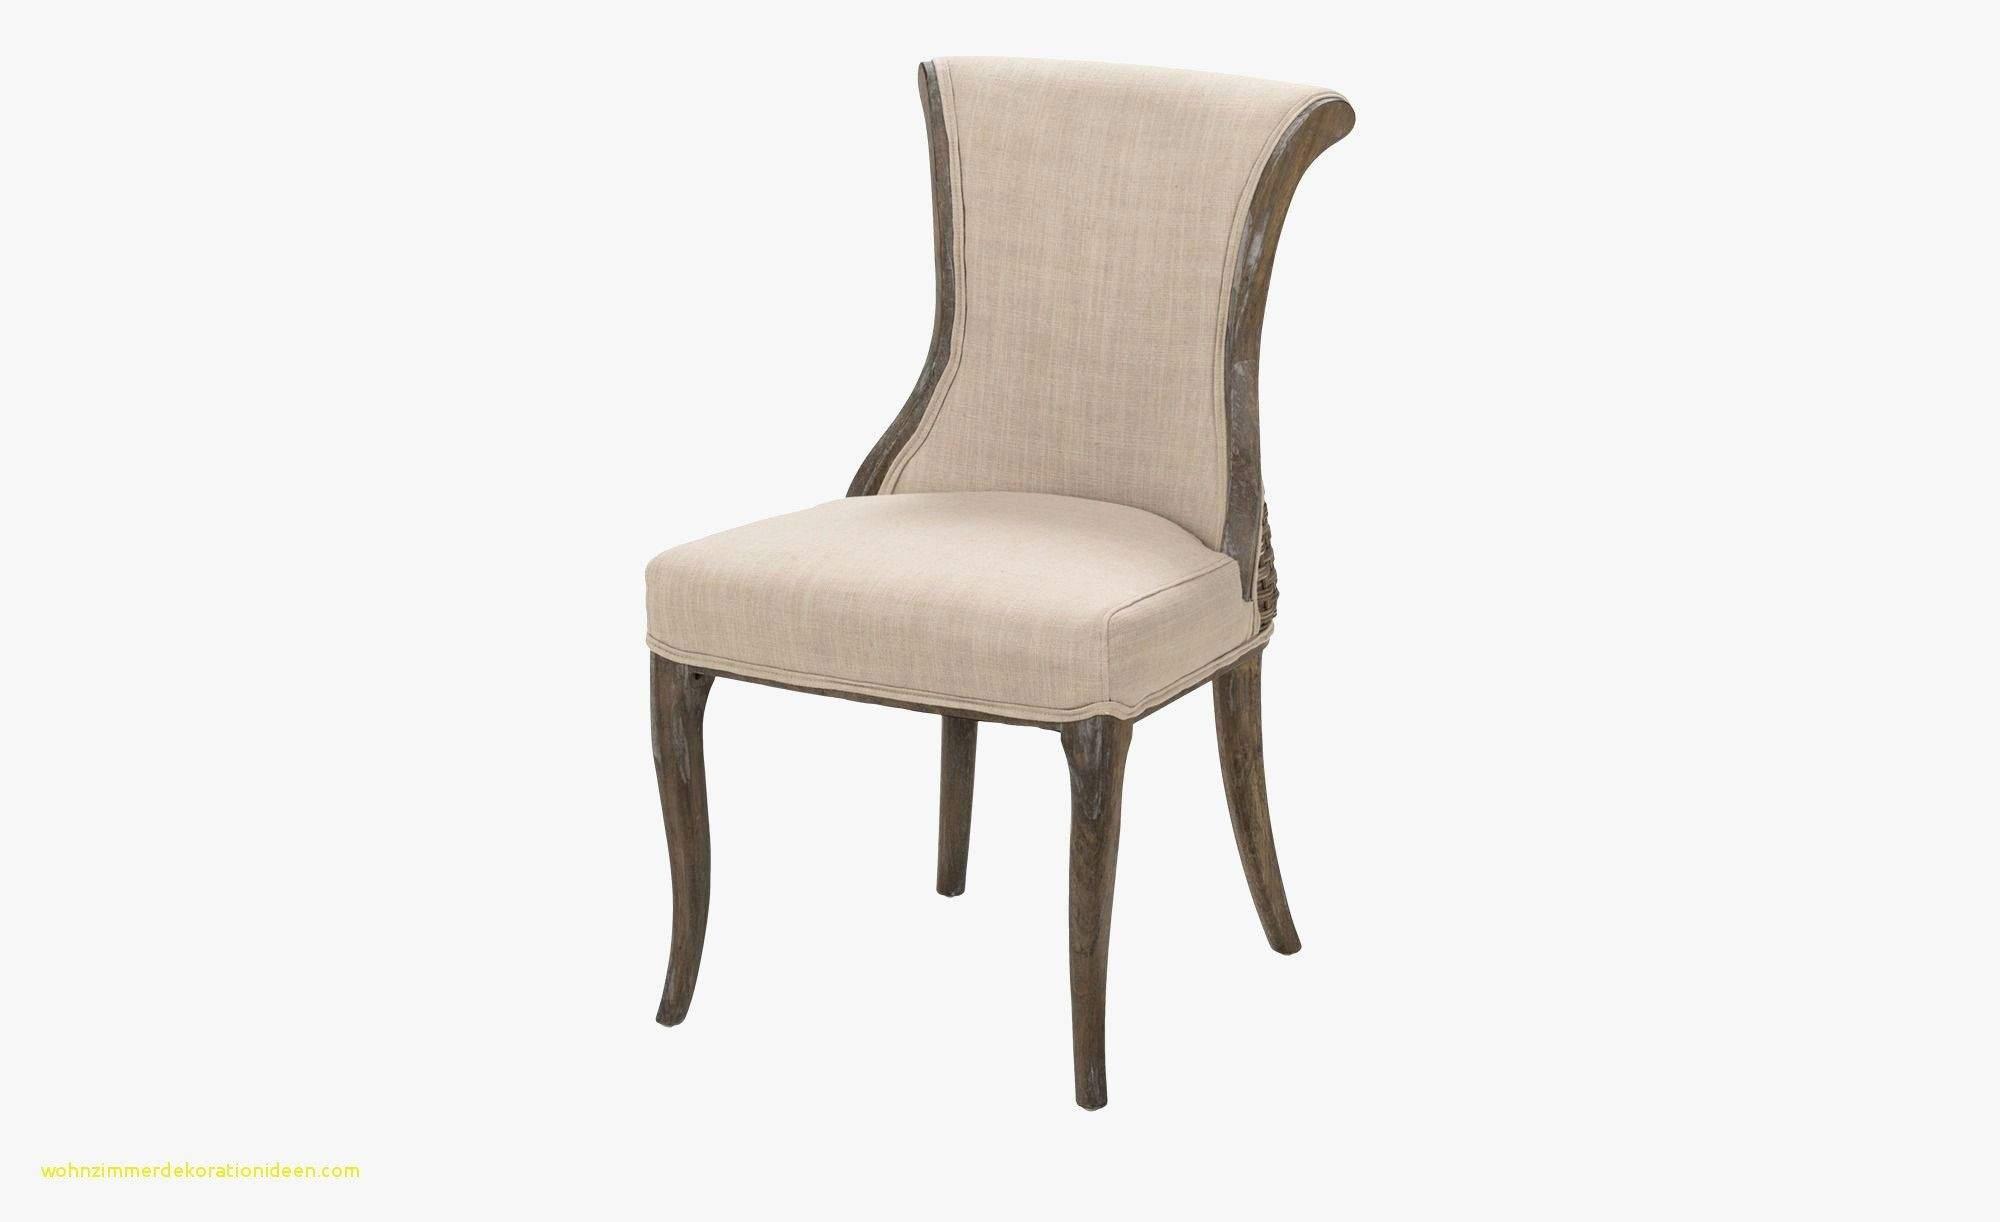 stuhl antik ebay kleinanzeigen stuhl herrlich dunkler stuhl nischenverkleidung kuche 0d attraktiv frisch